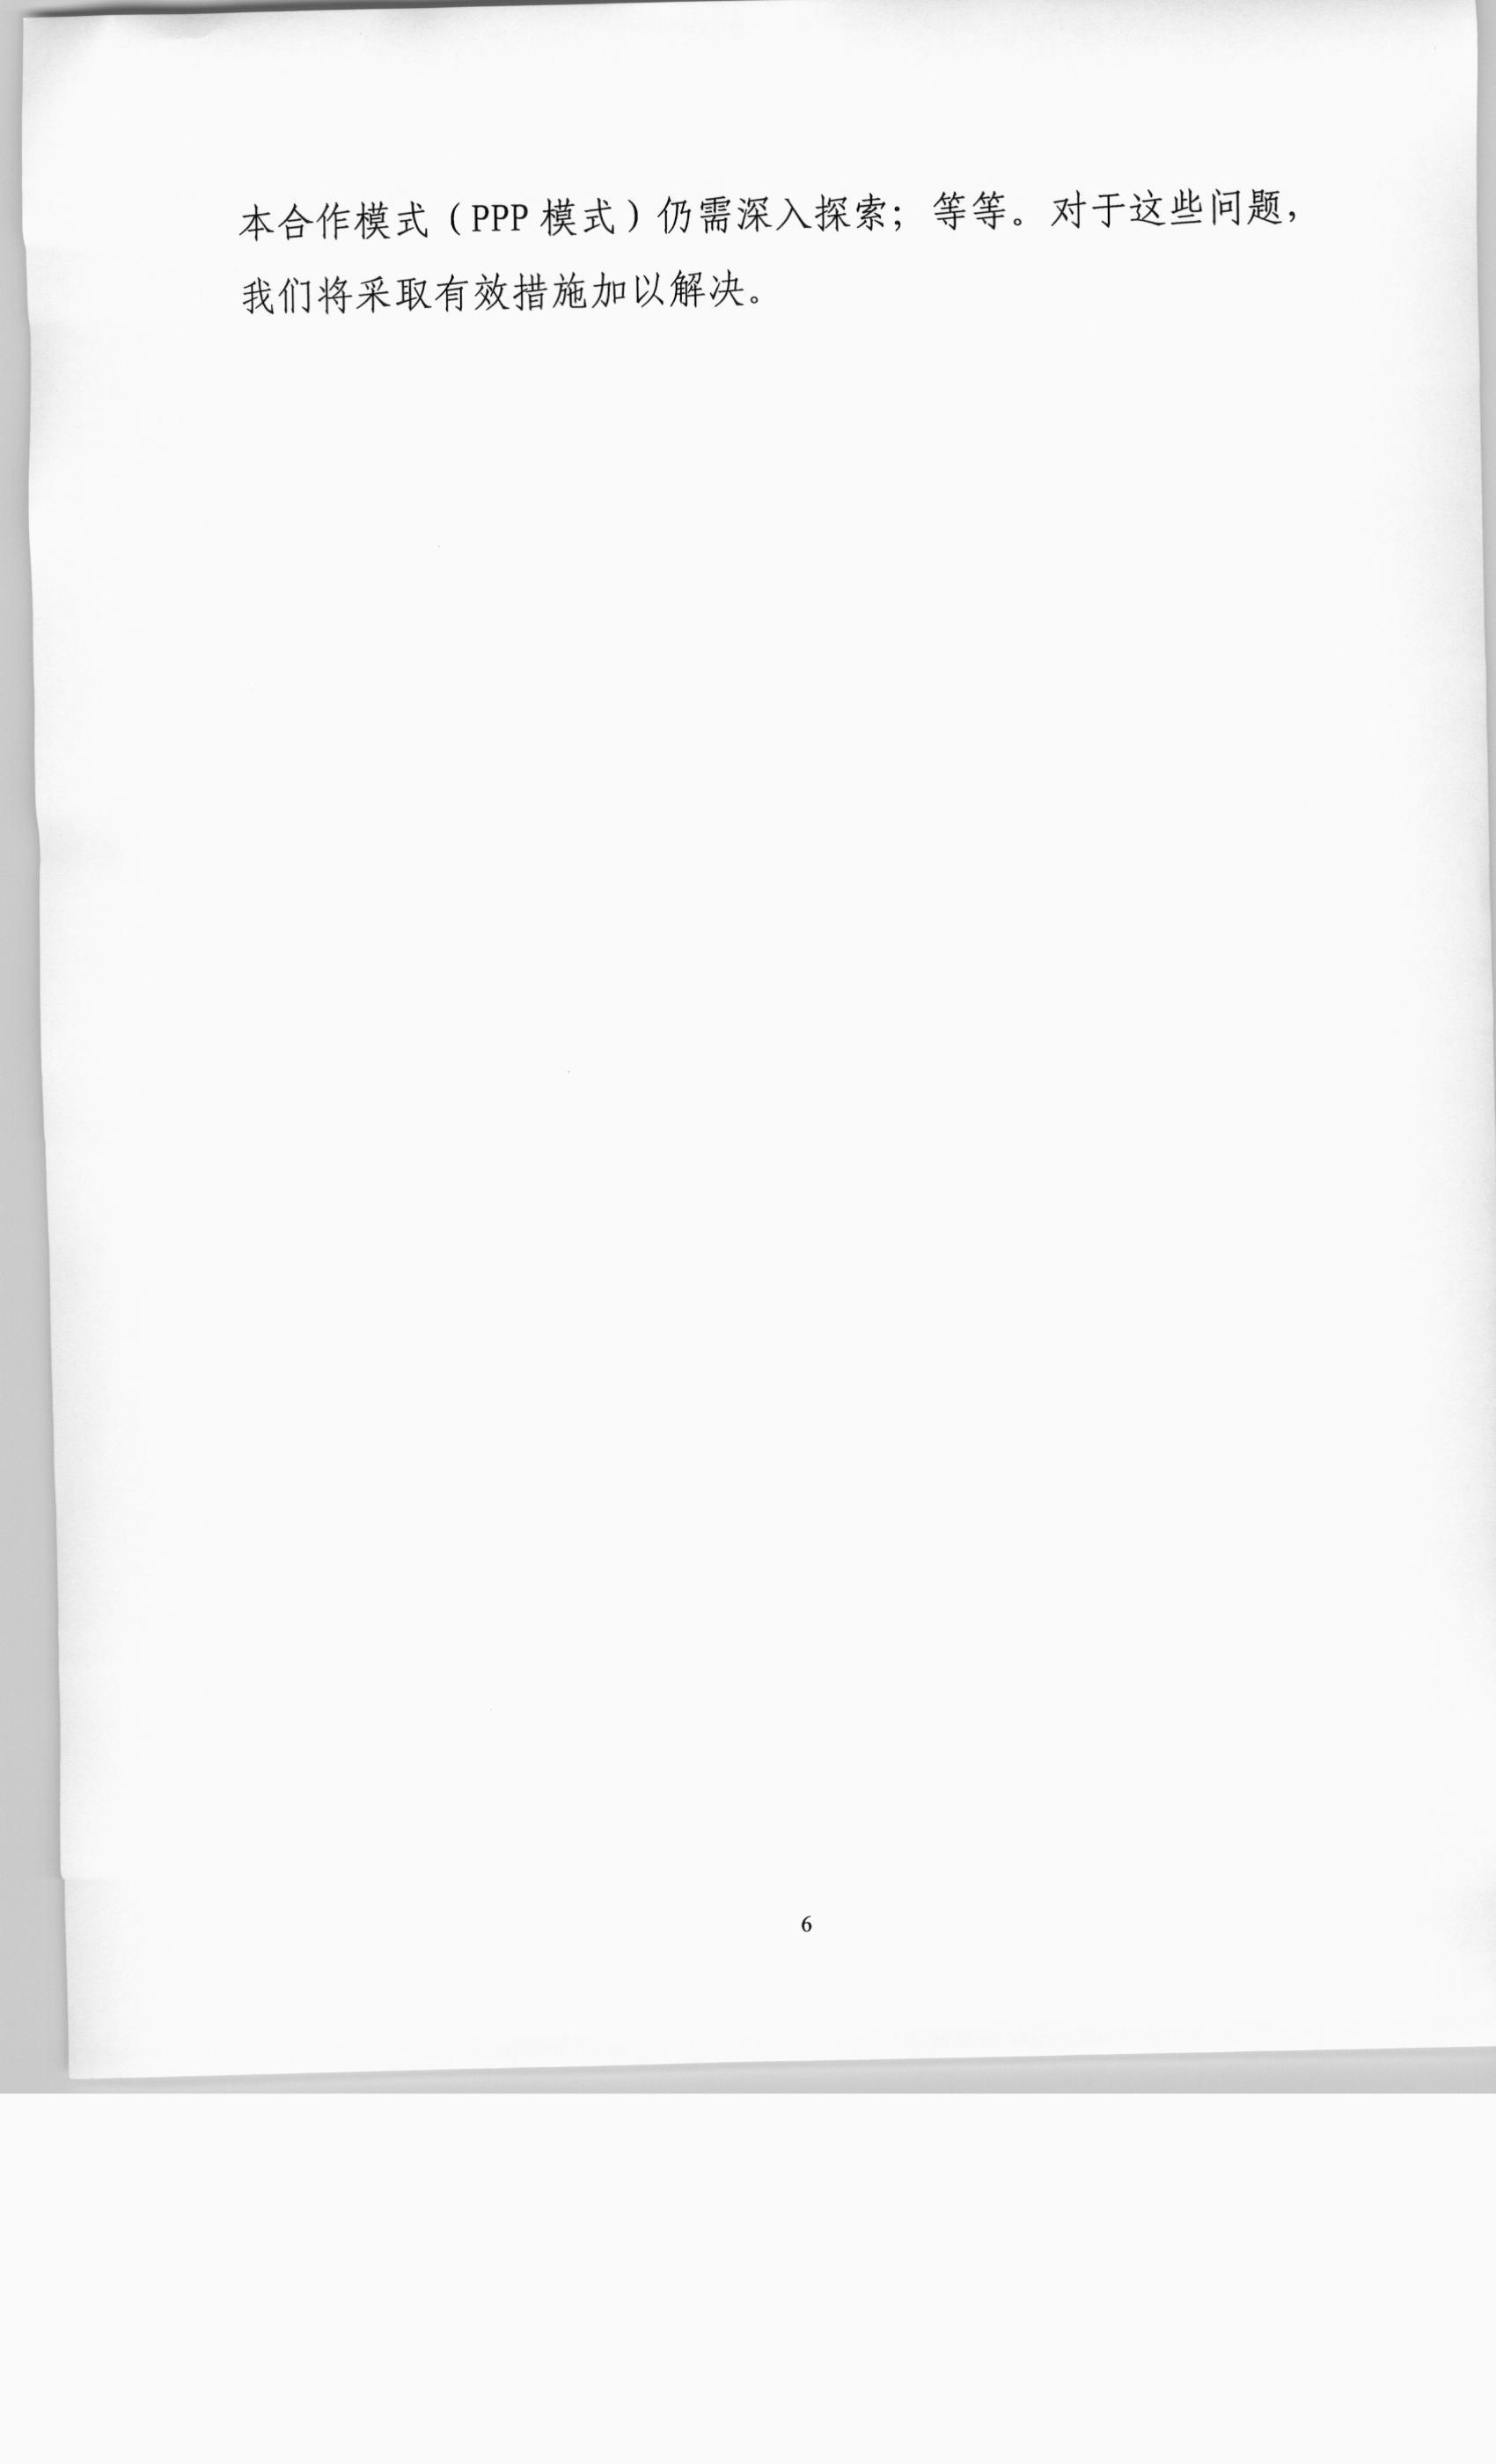 关于茂名市茂南区2015年区级财政决算的报告 006.jpg